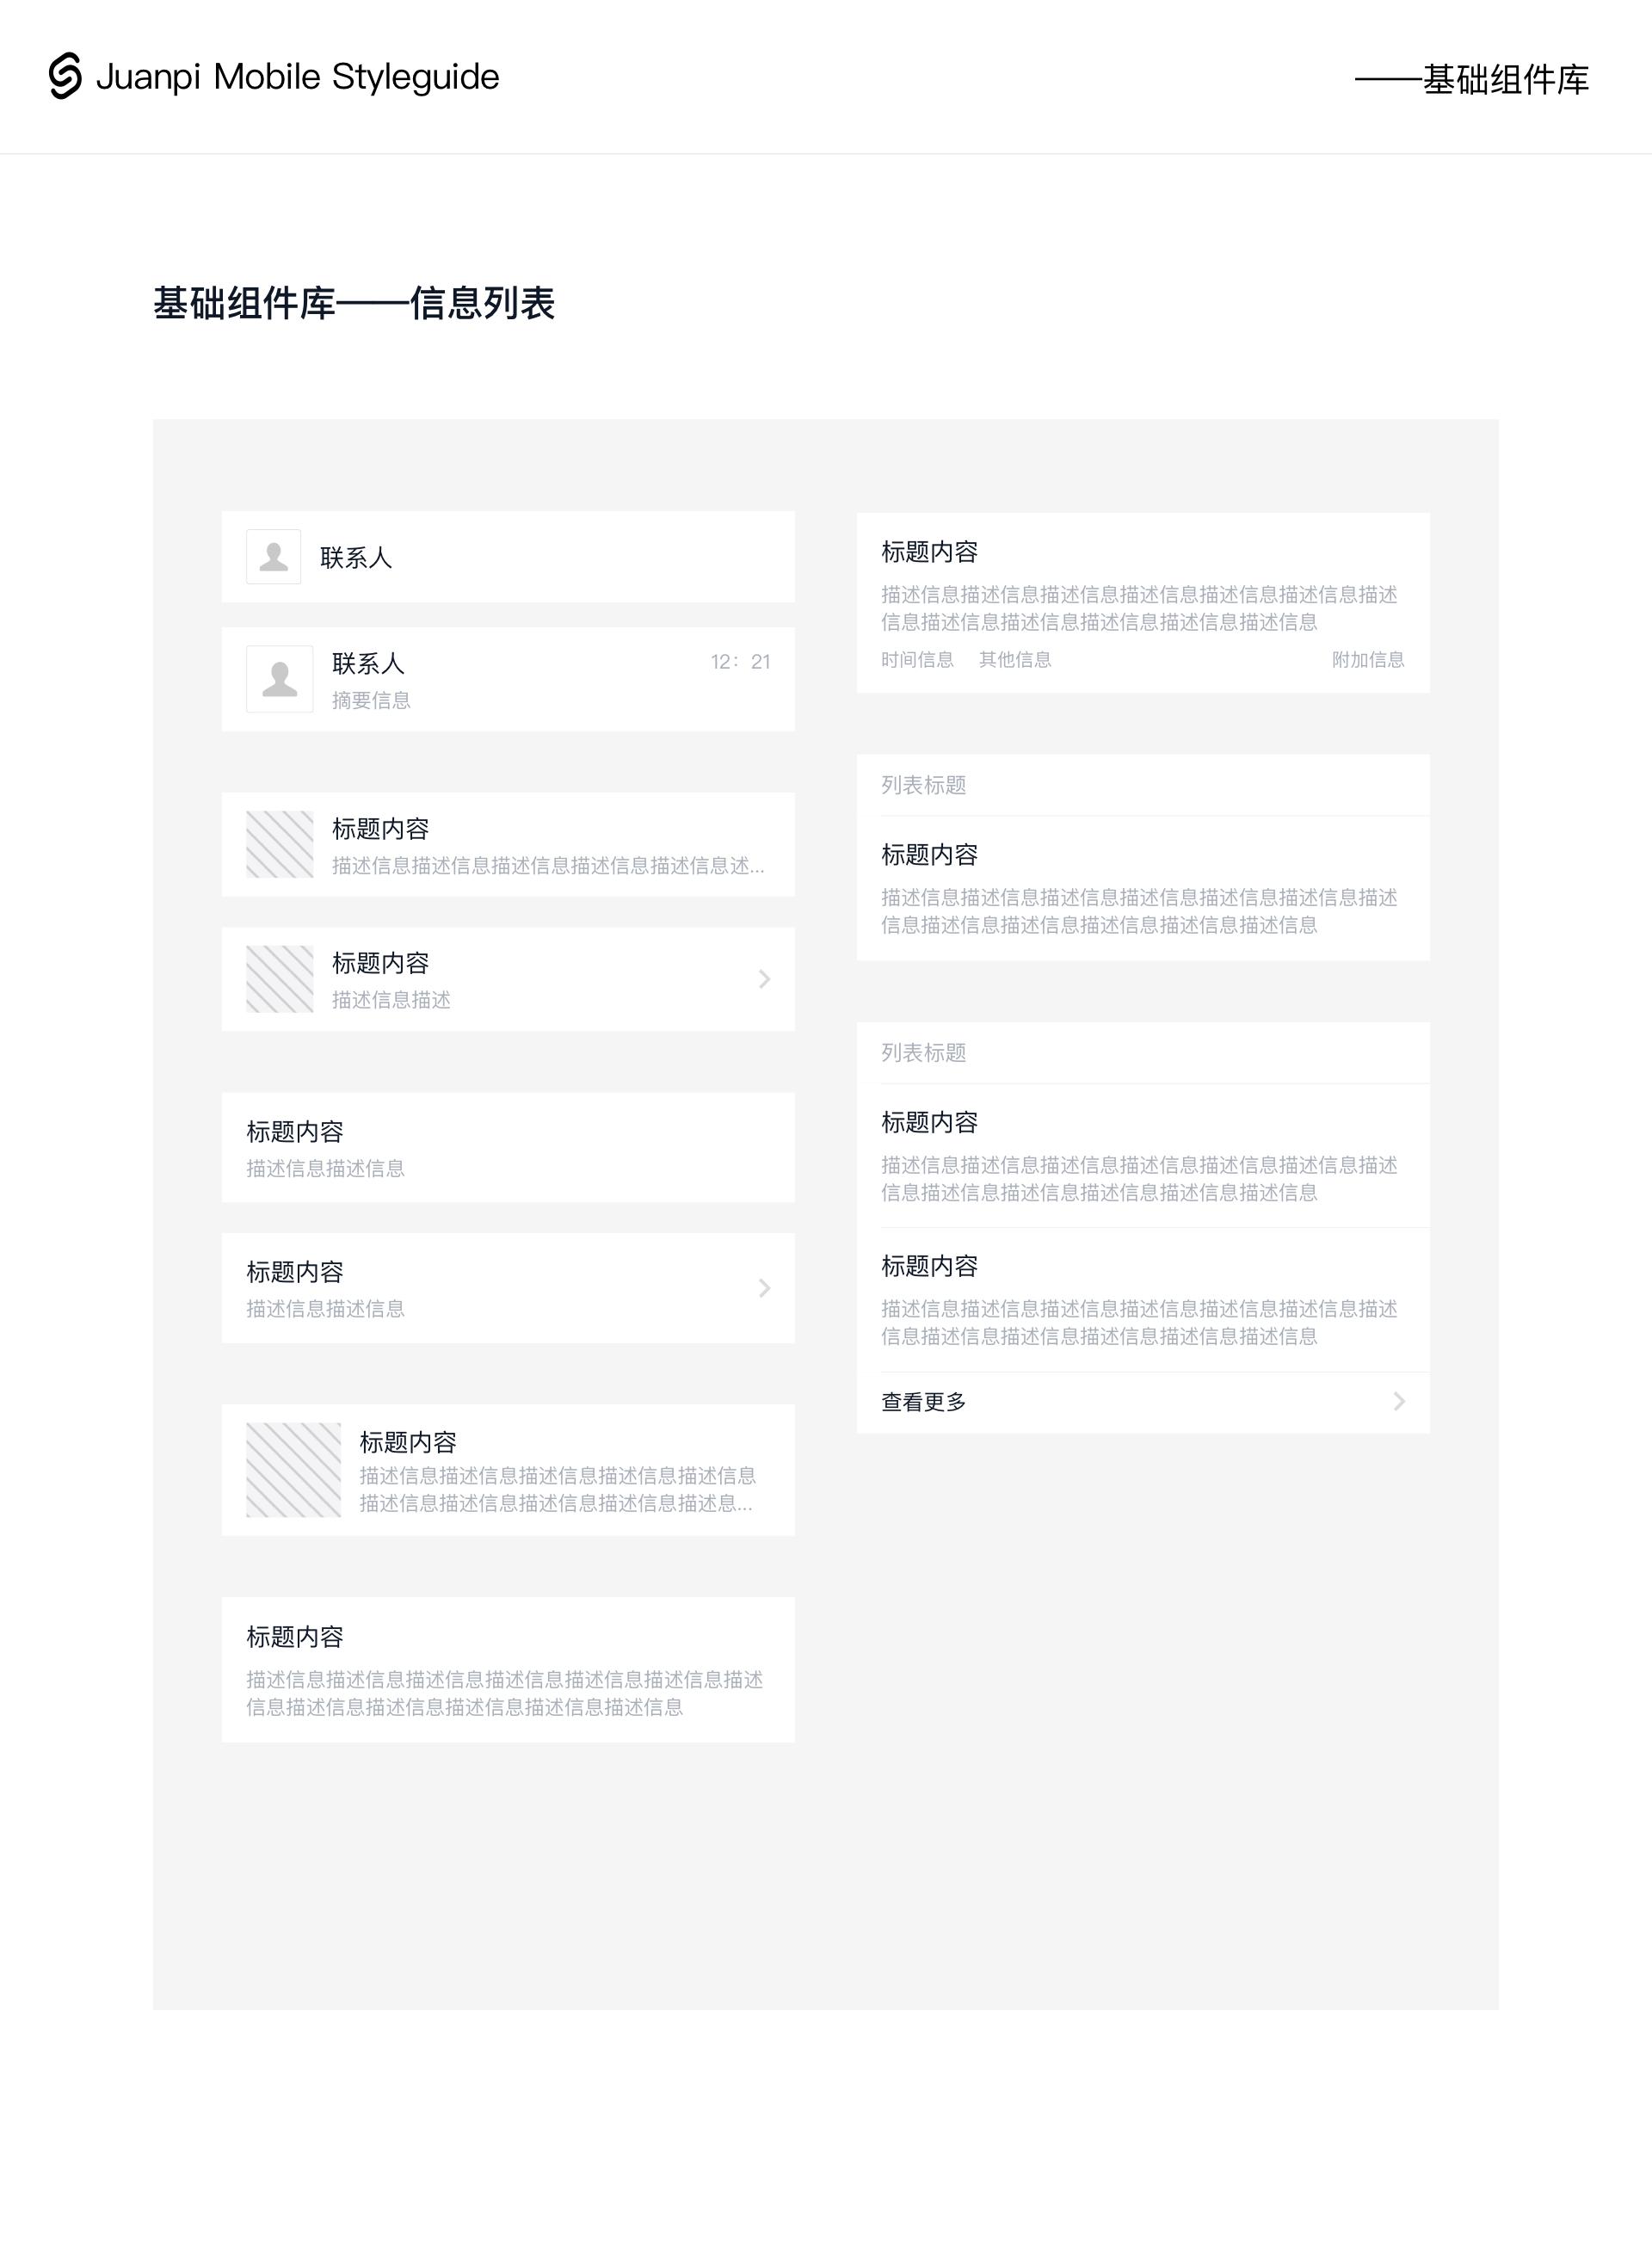 表单-信息列表